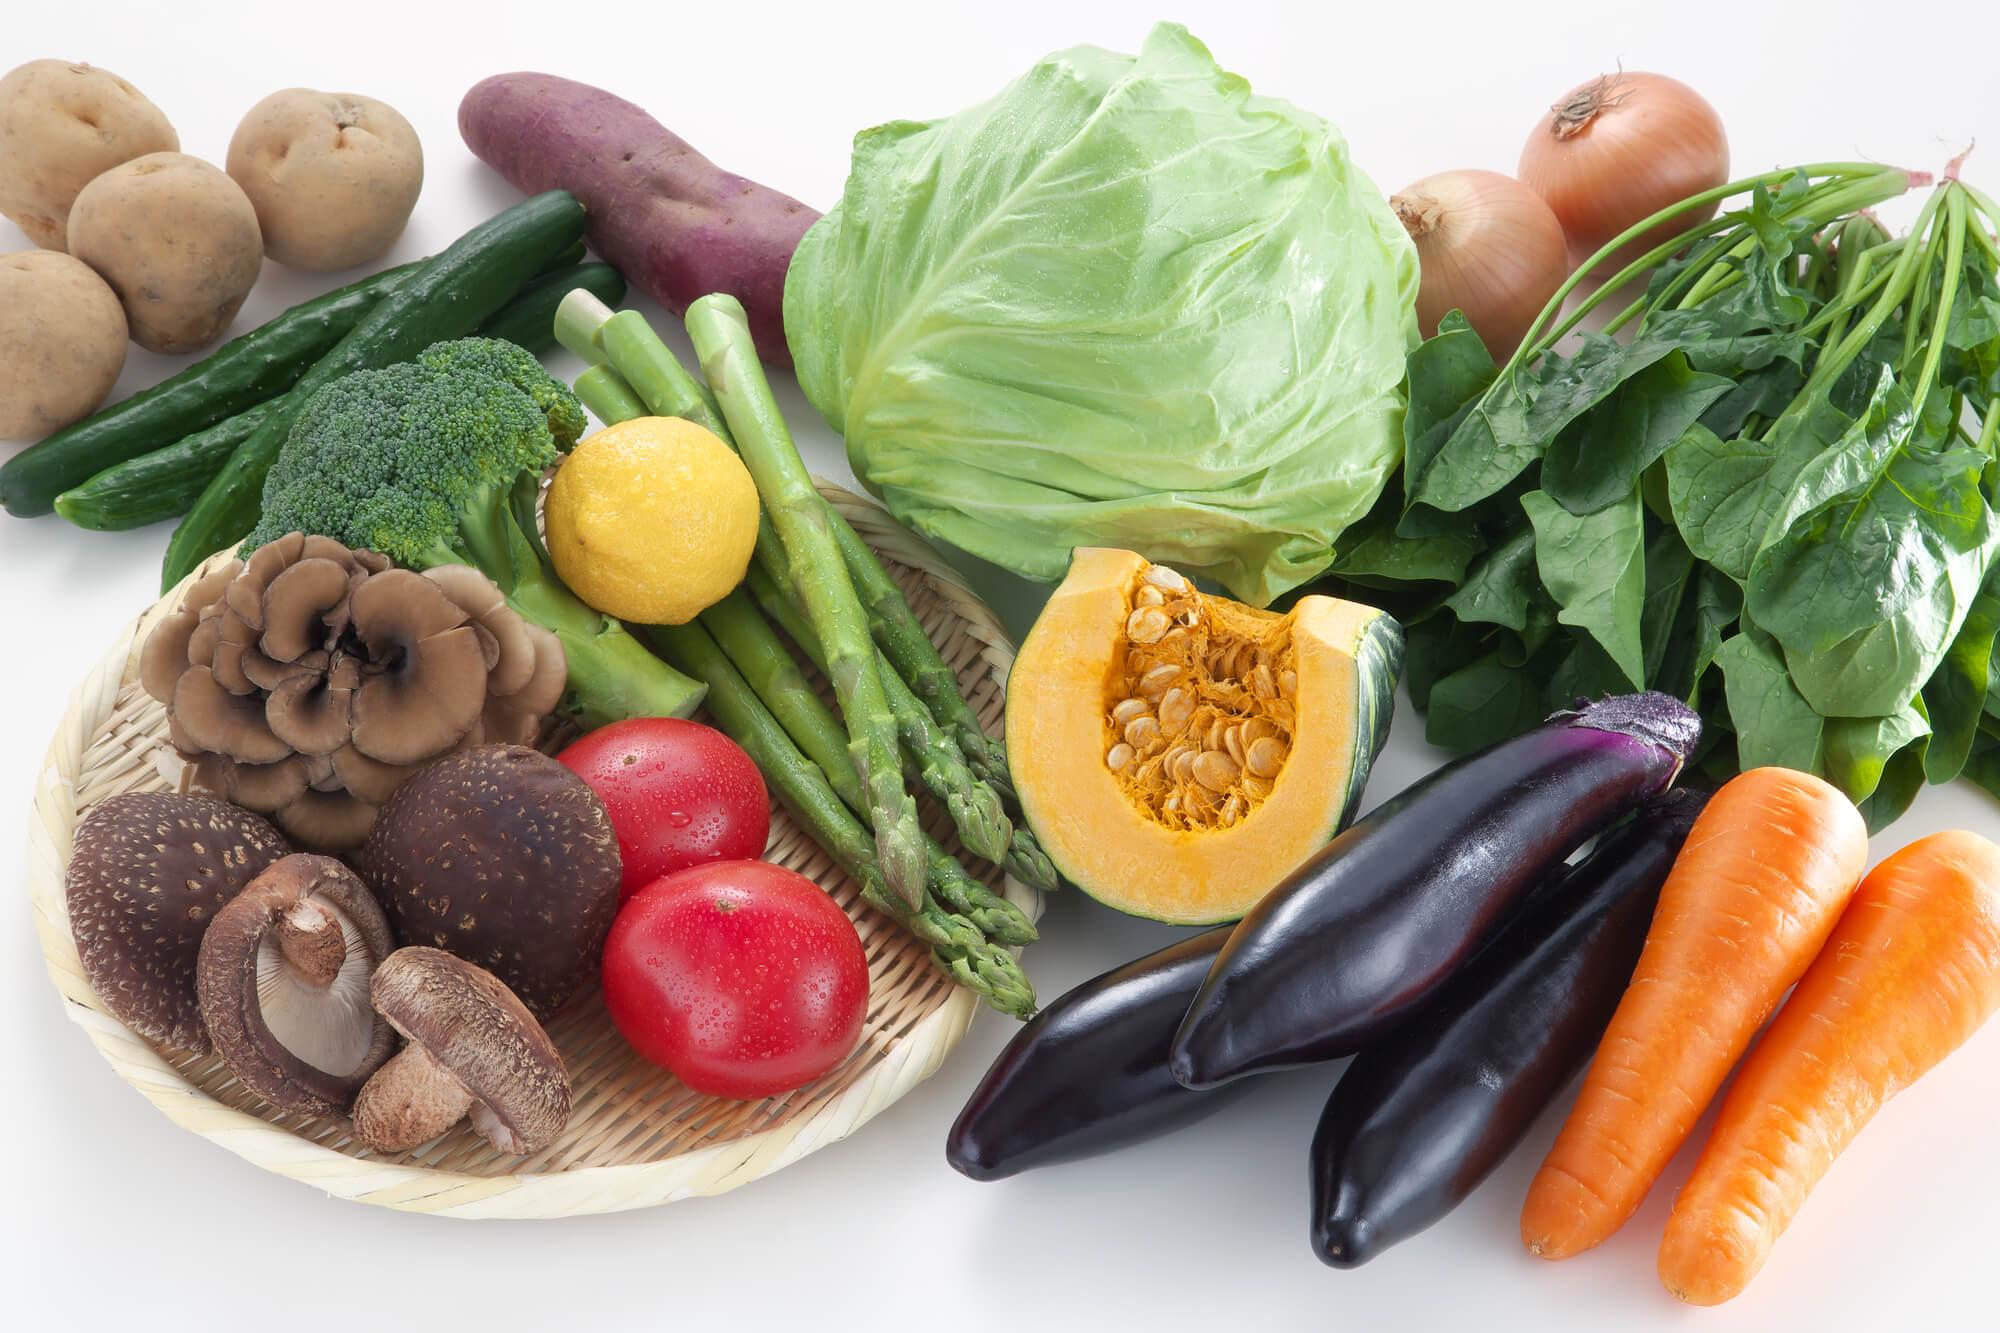 野菜宅配で安い宅配業者はどこ?コスパや送料で比べみた結果